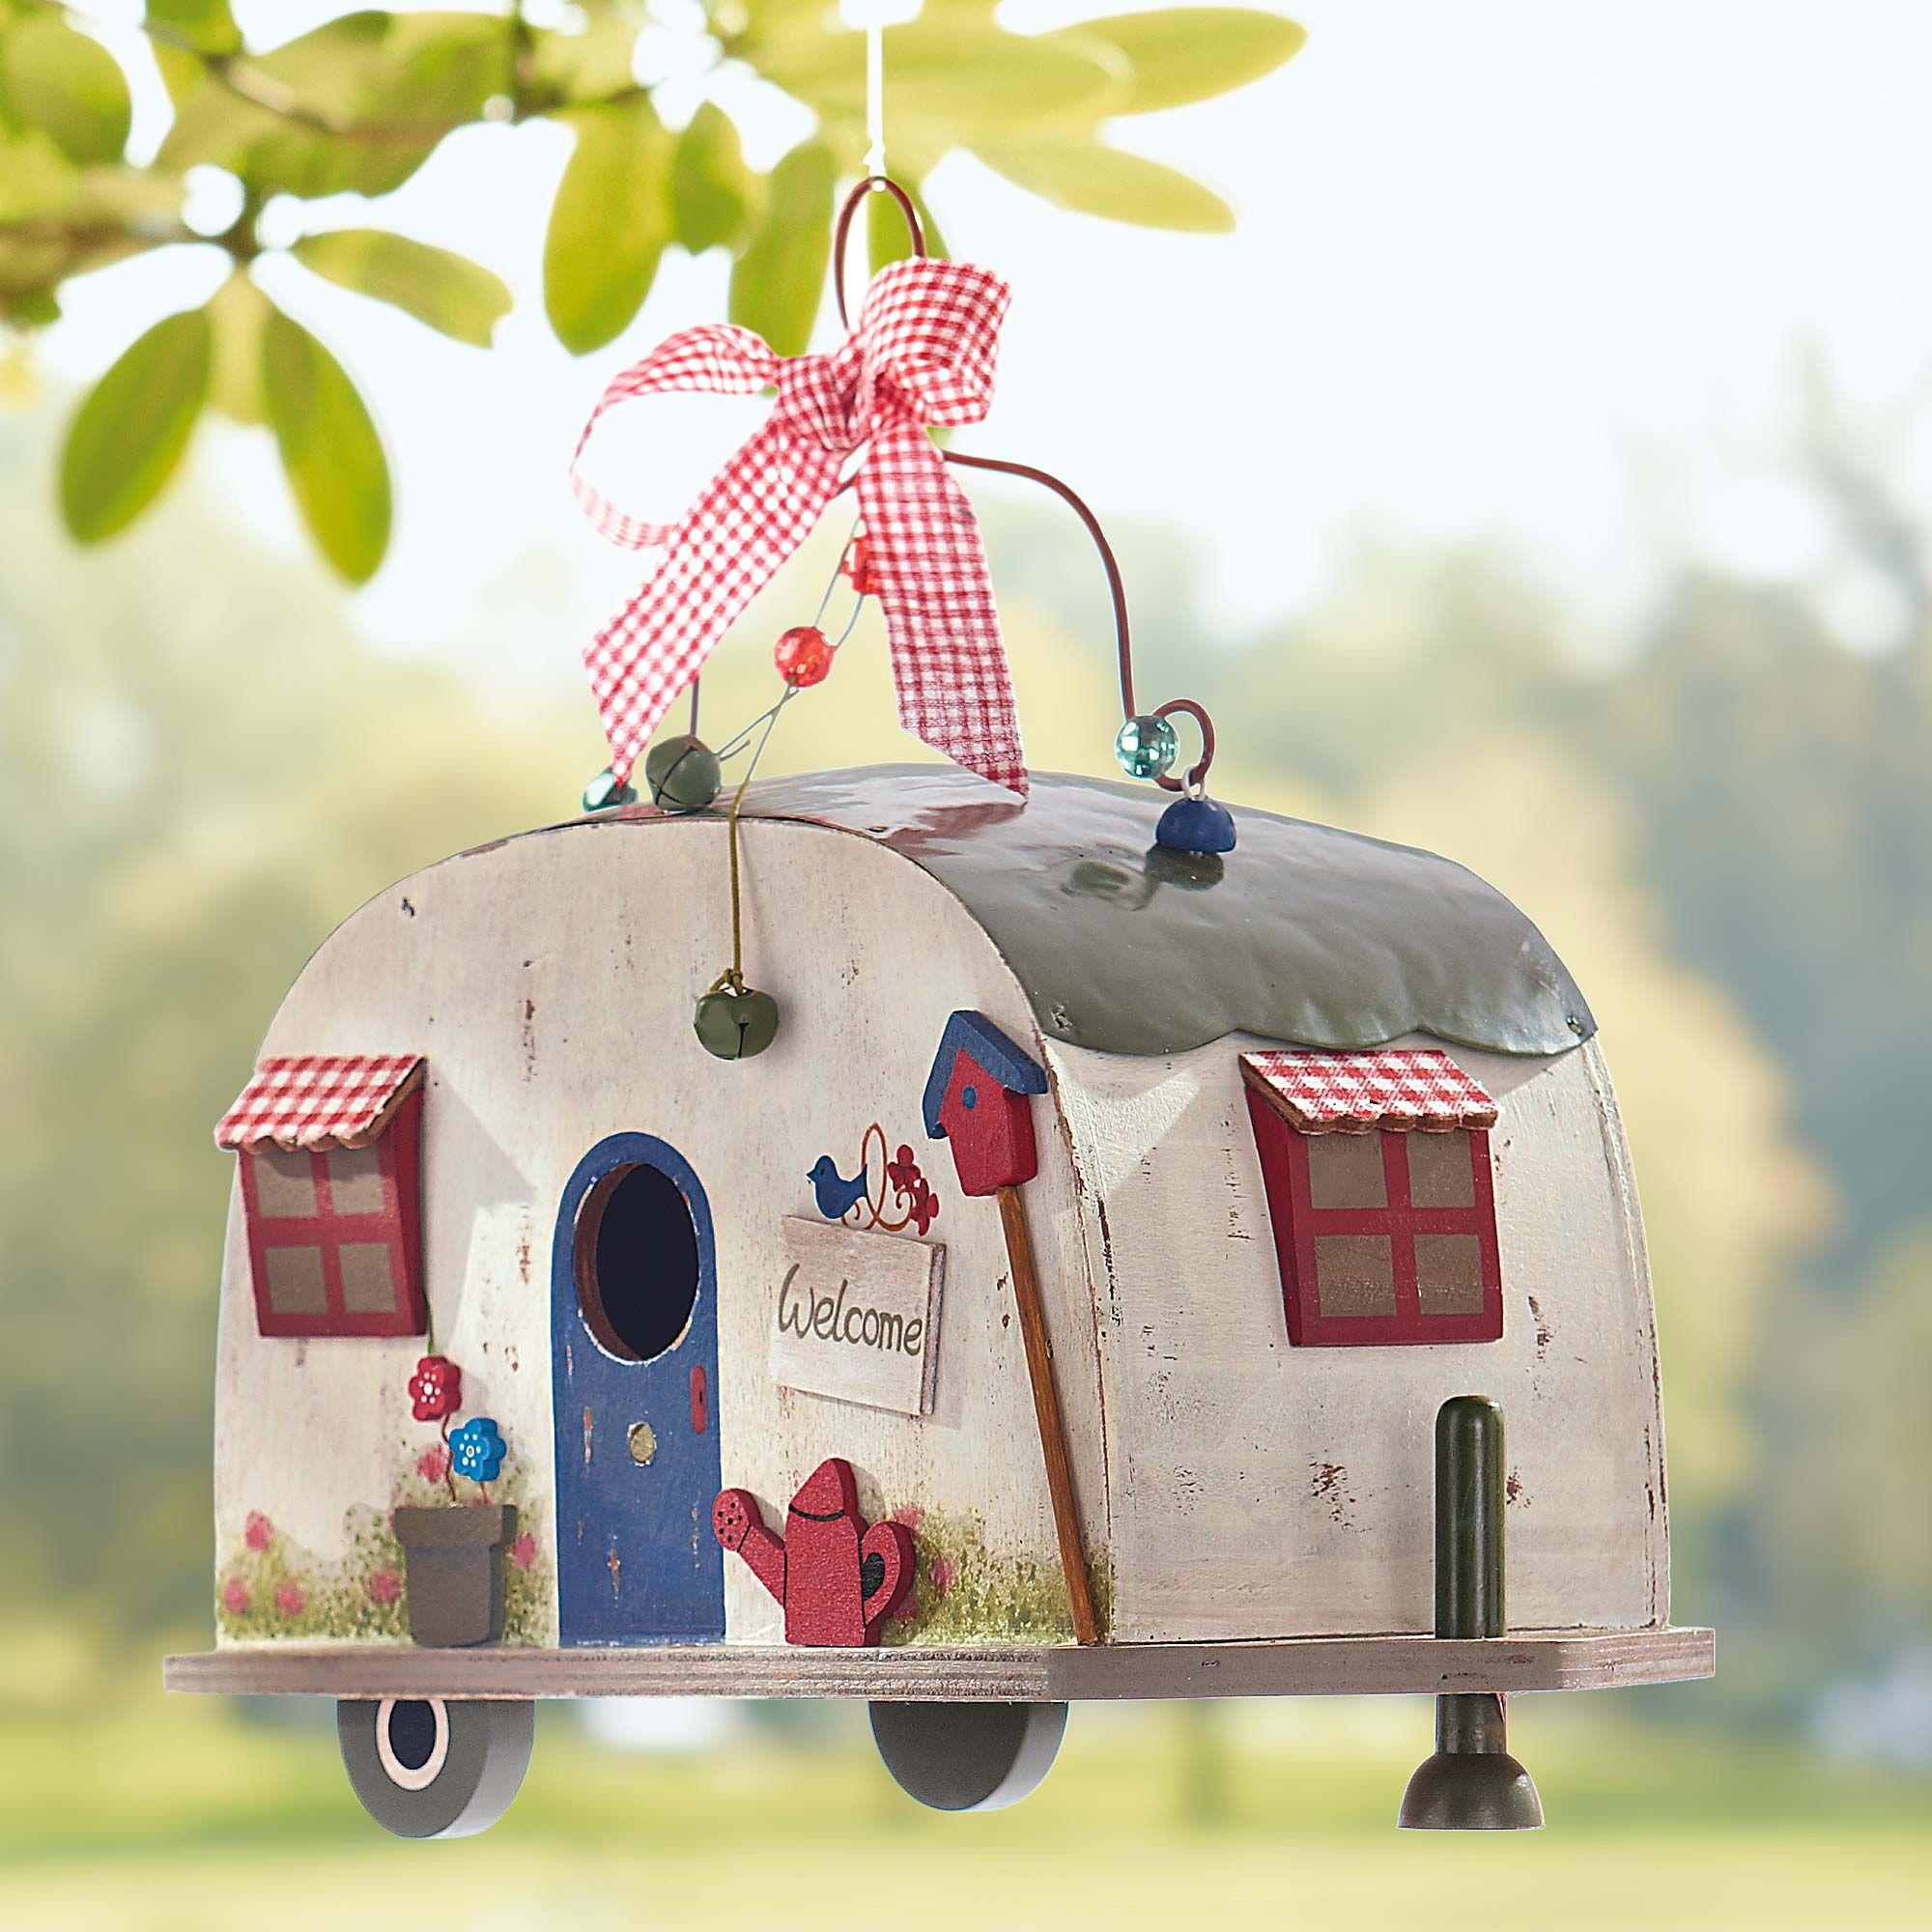 vogelhaus wohnwagen retro caravan birdhouse gingar online shop diy v gel haus und garten. Black Bedroom Furniture Sets. Home Design Ideas